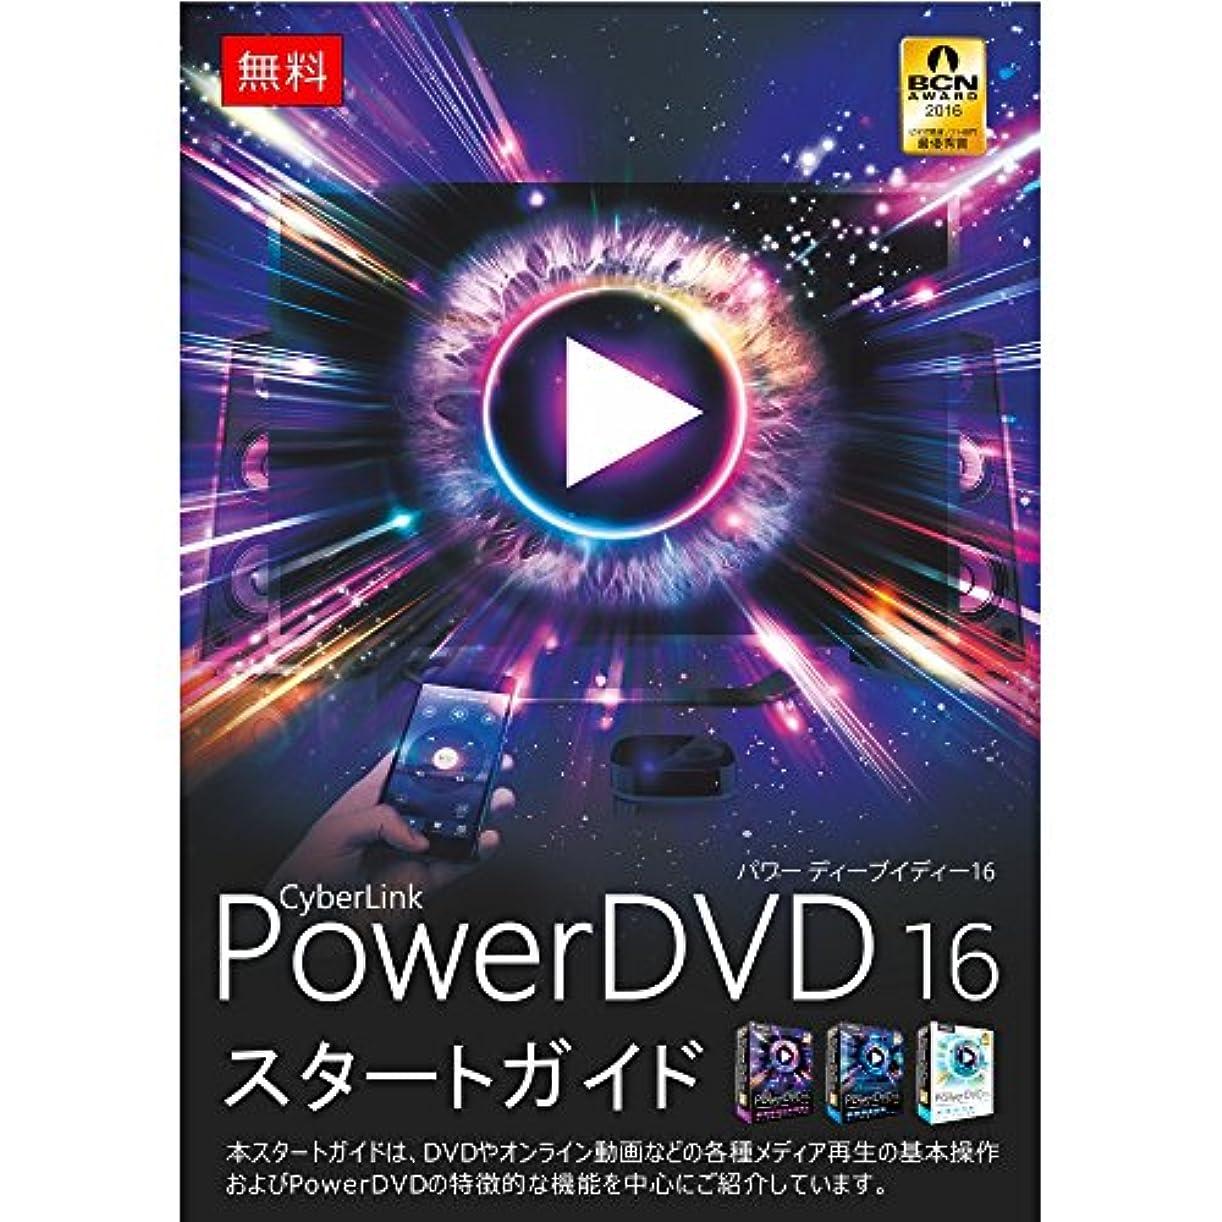 邪魔する文芸シリンダーPowerDVD 16 スタートガイド|ダウンロード版